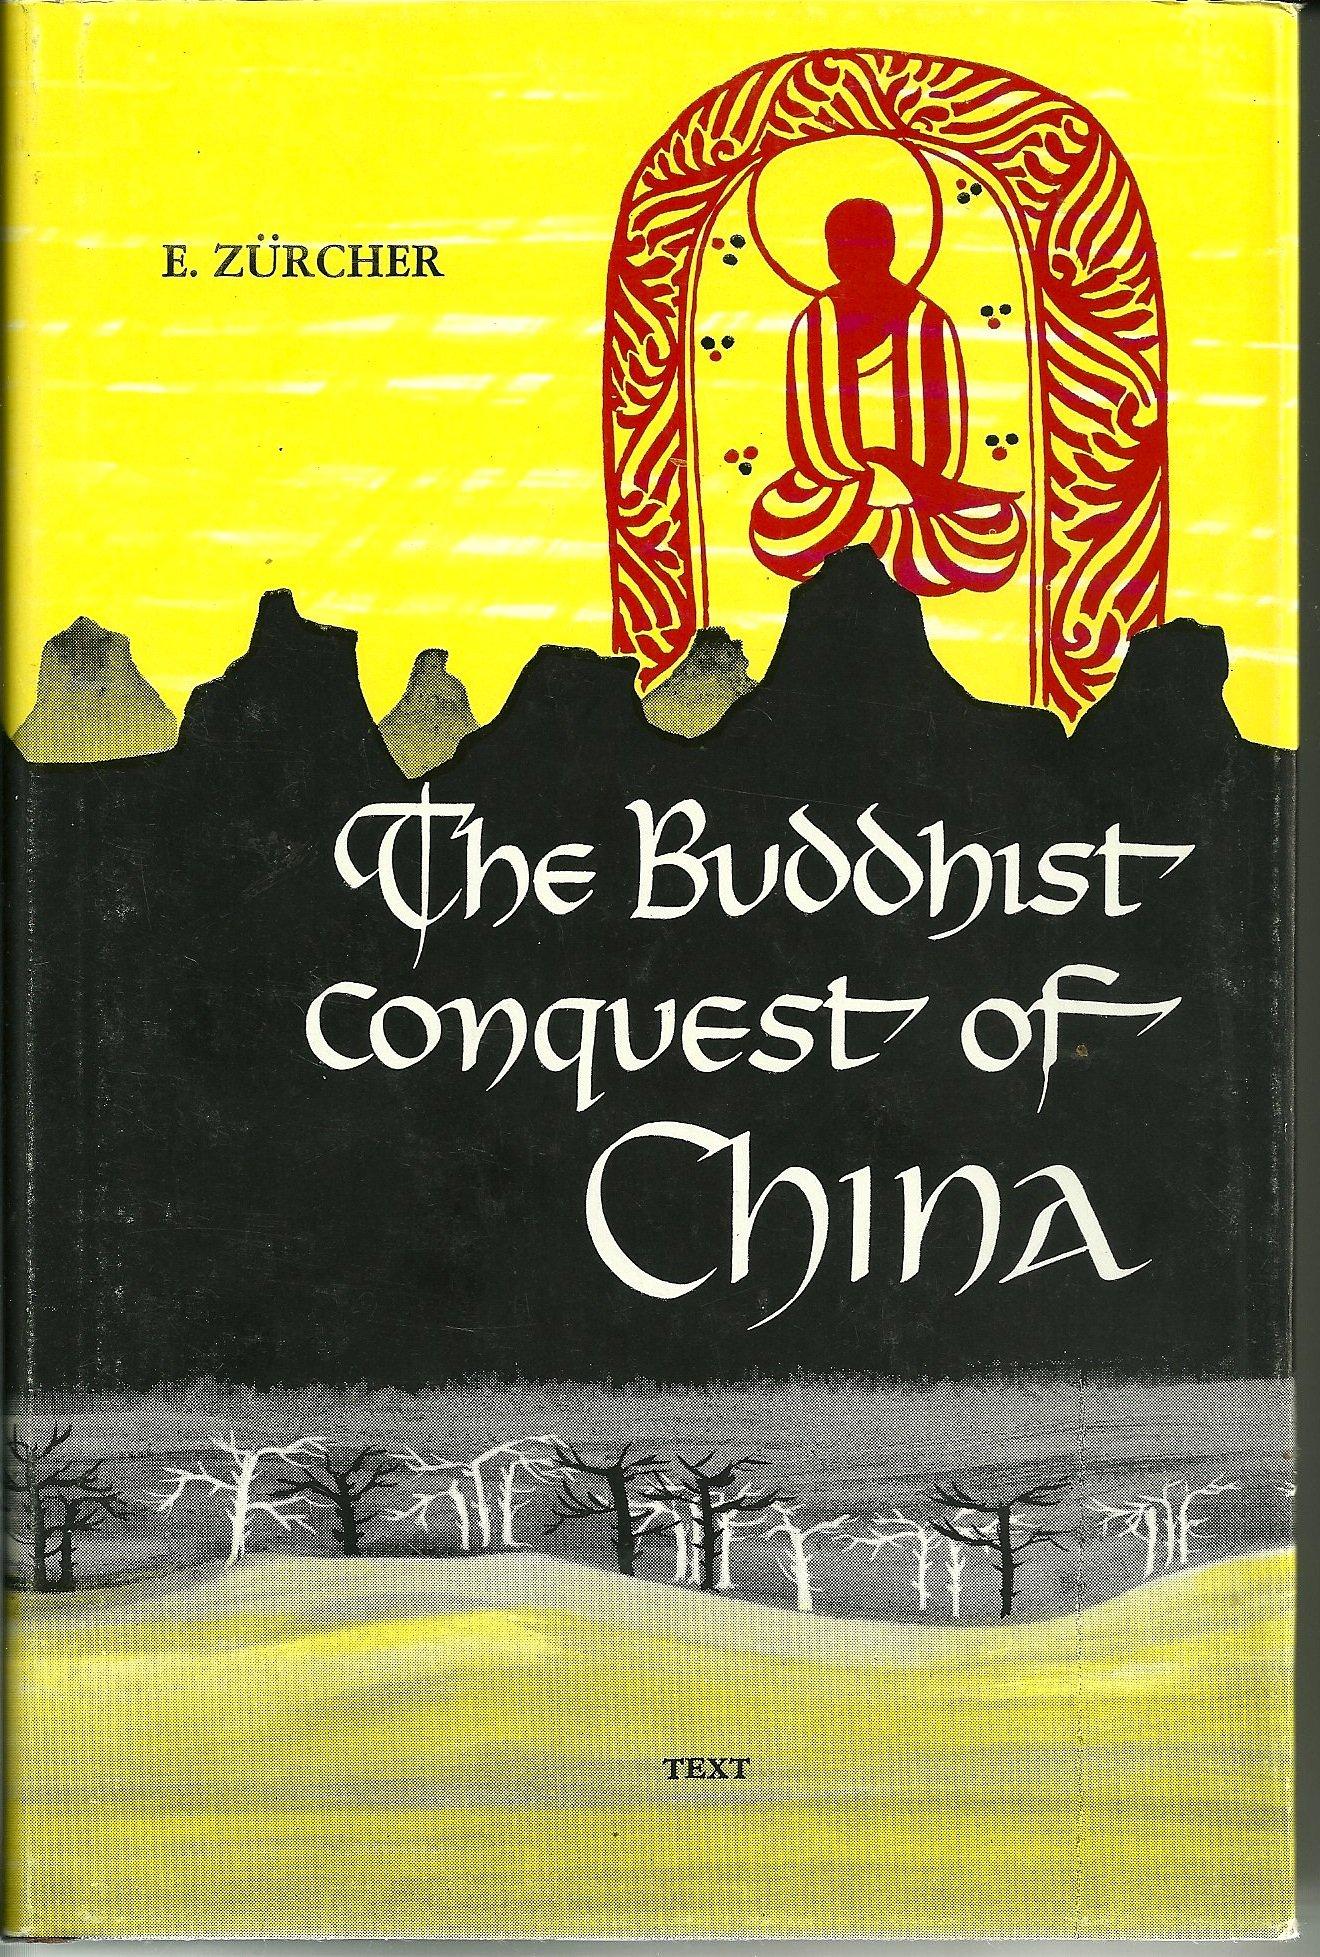 Zurcher Conquest cover art